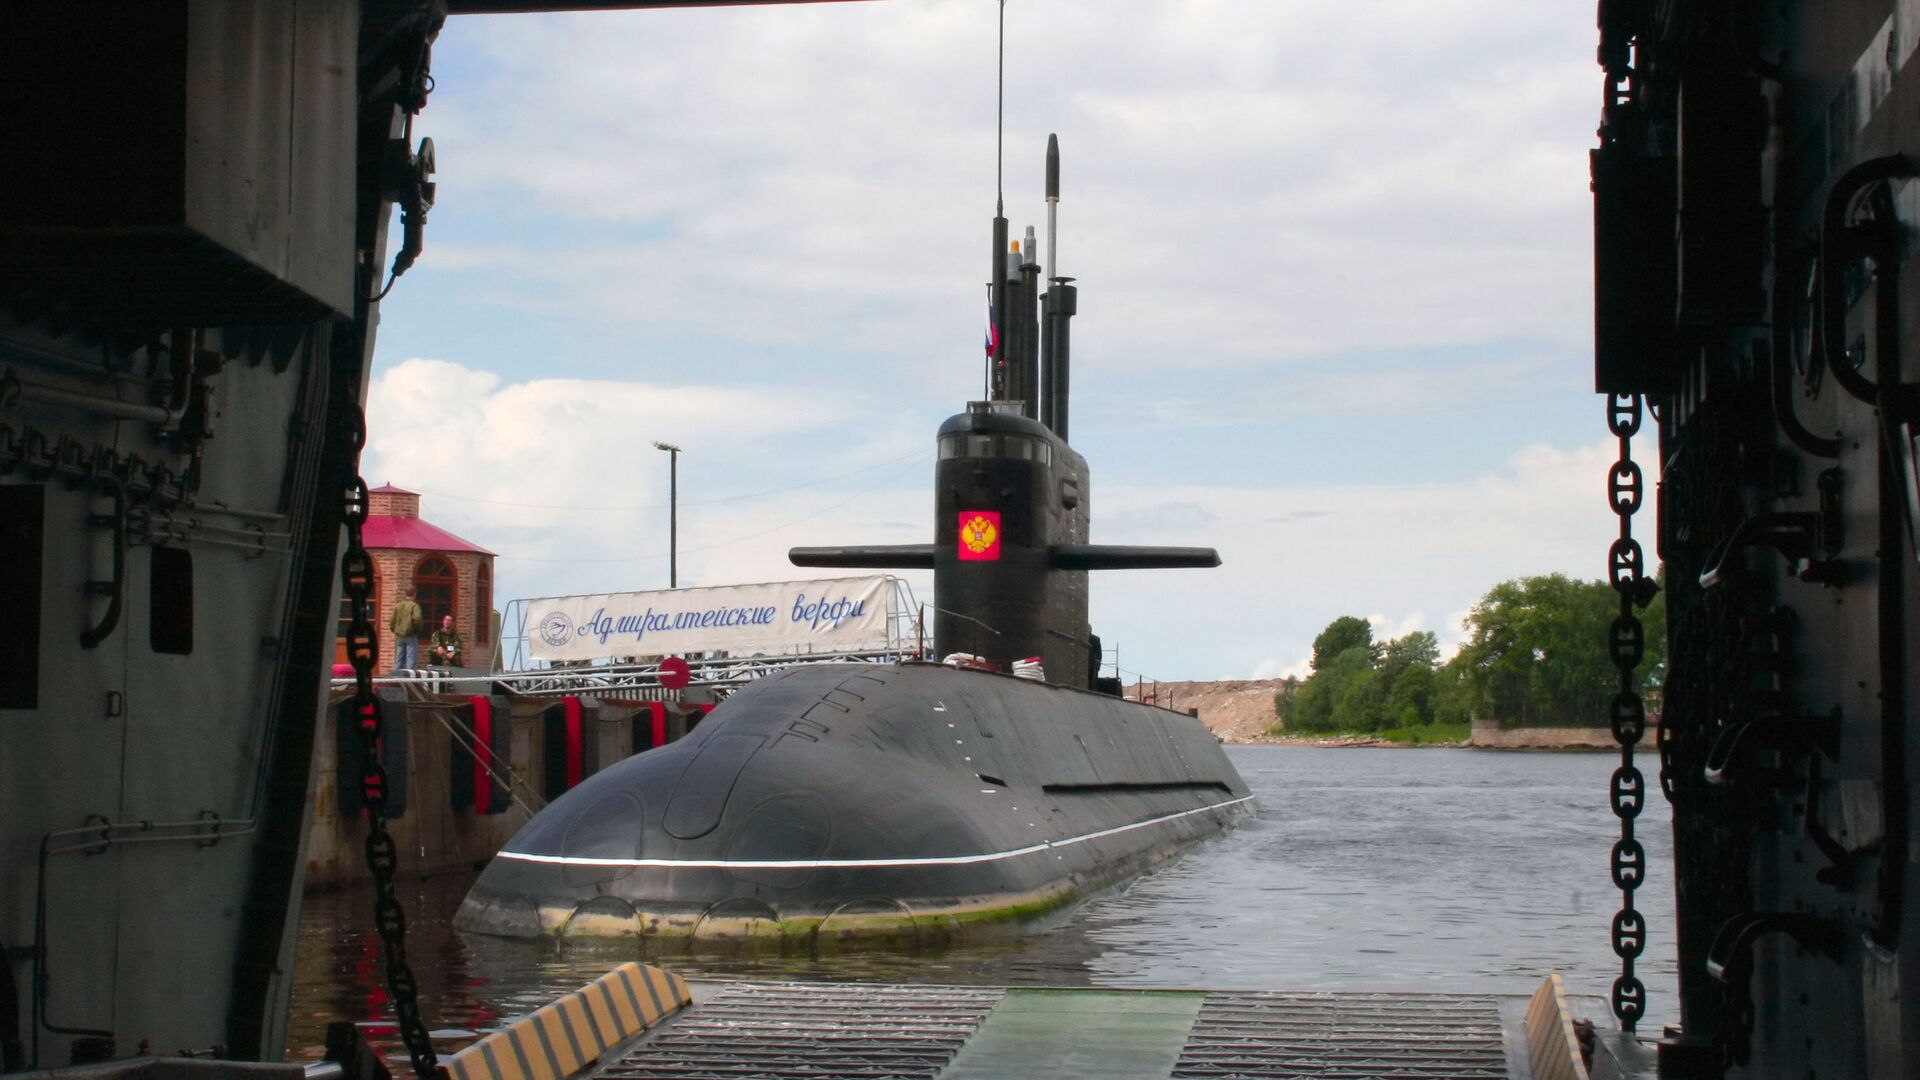 Подводная лодка Санкт-Петербург, проект Лада - РИА Новости, 1920, 13.05.2021